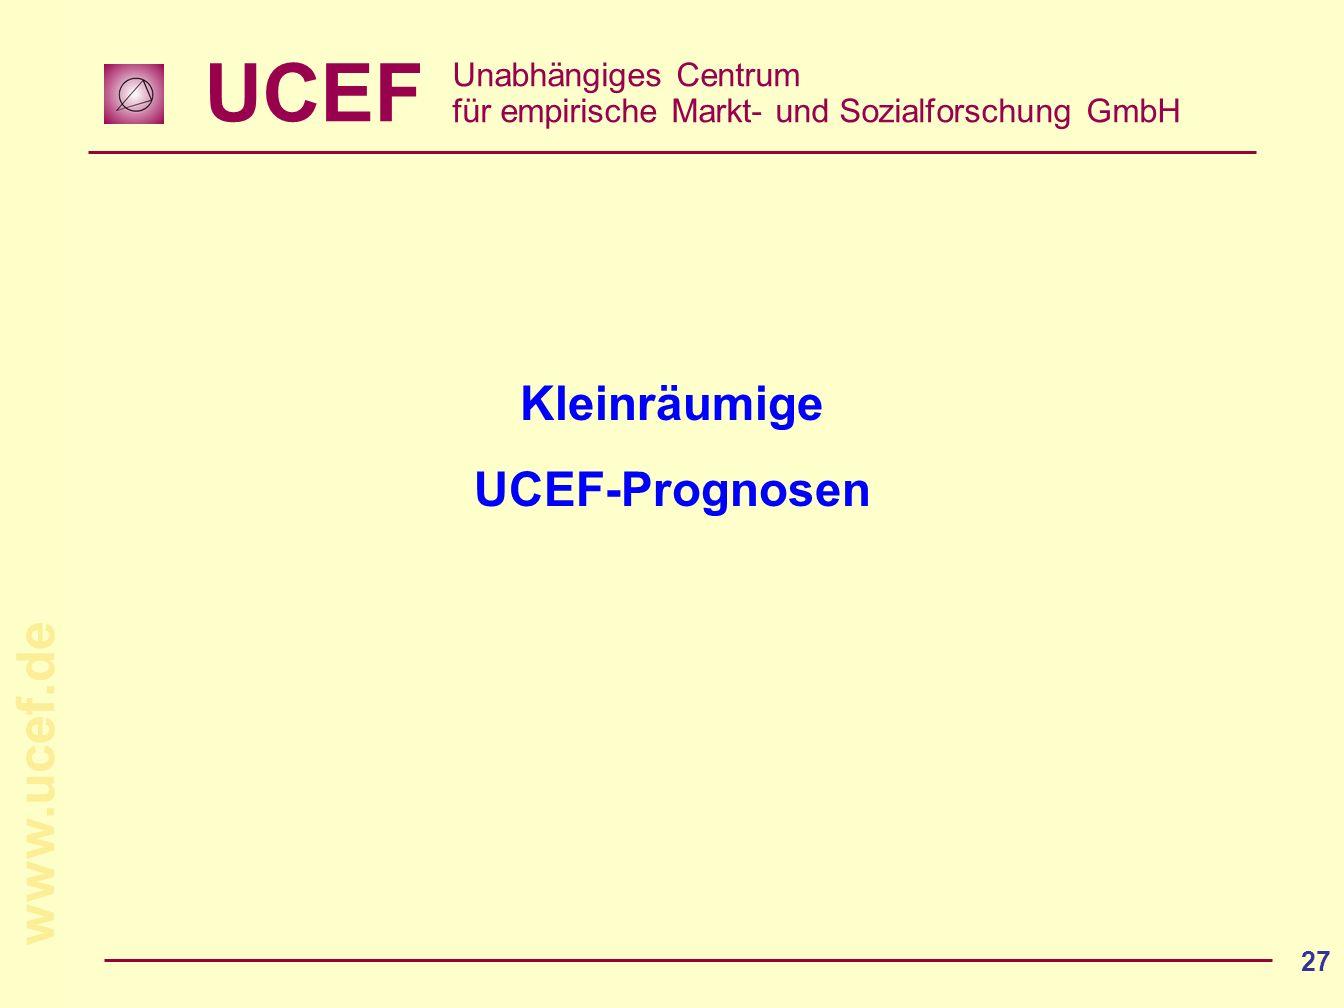 UCEF Unabhängiges Centrum für empirische Markt- und Sozialforschung GmbH www.ucef.de 27 Kleinräumige UCEF-Prognosen